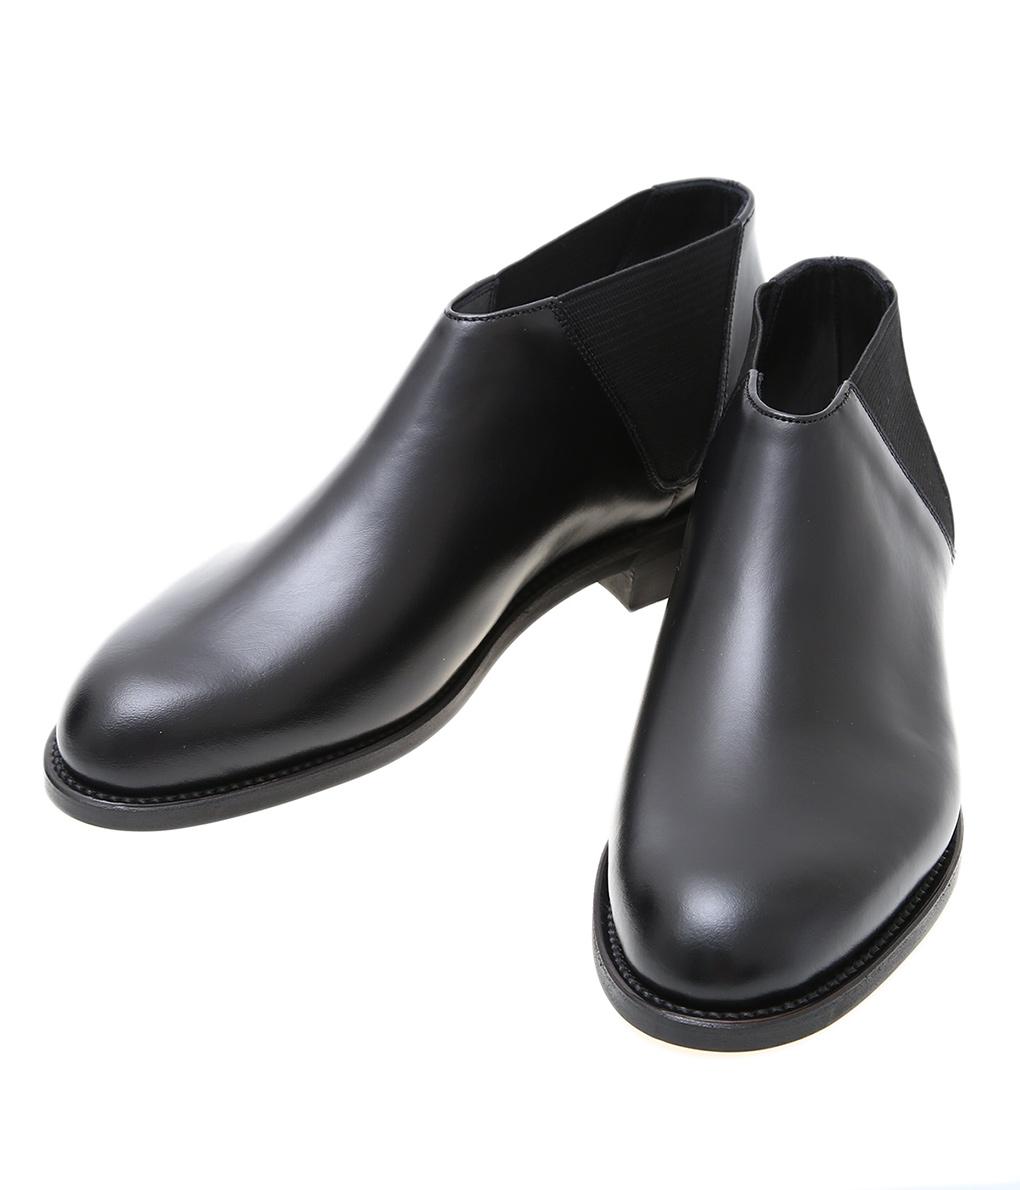 正規取扱 受注生産品 年末年始大決算 3980円以上で送料無料 昼12時30分までの注文で即日発送 BEAUTIFUL SHOES ビューティフルシューズ : レザーシューズ レディース 靴 ショートブーツ MIDDLECUTSIDEGORE BSS2034005 ANN